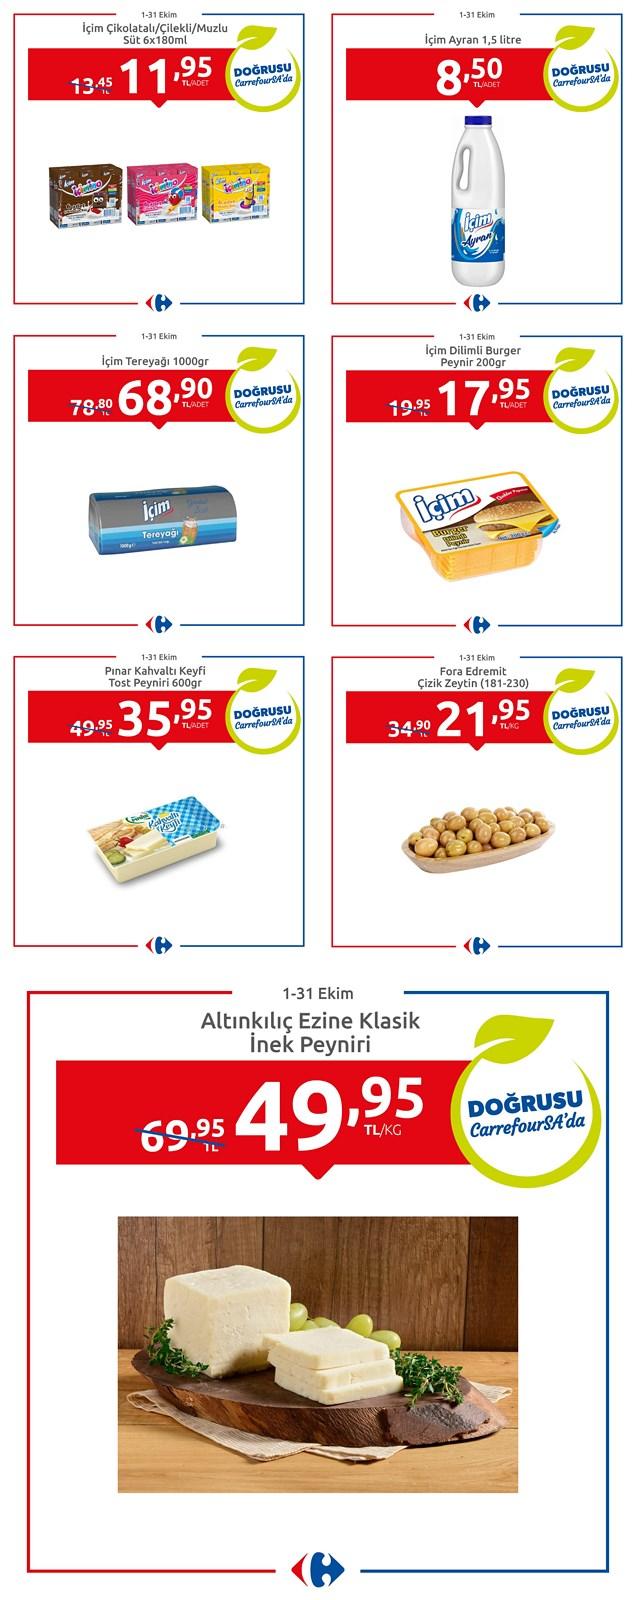 01.10.2021 CarrefourSA broşürü 1. sayfa